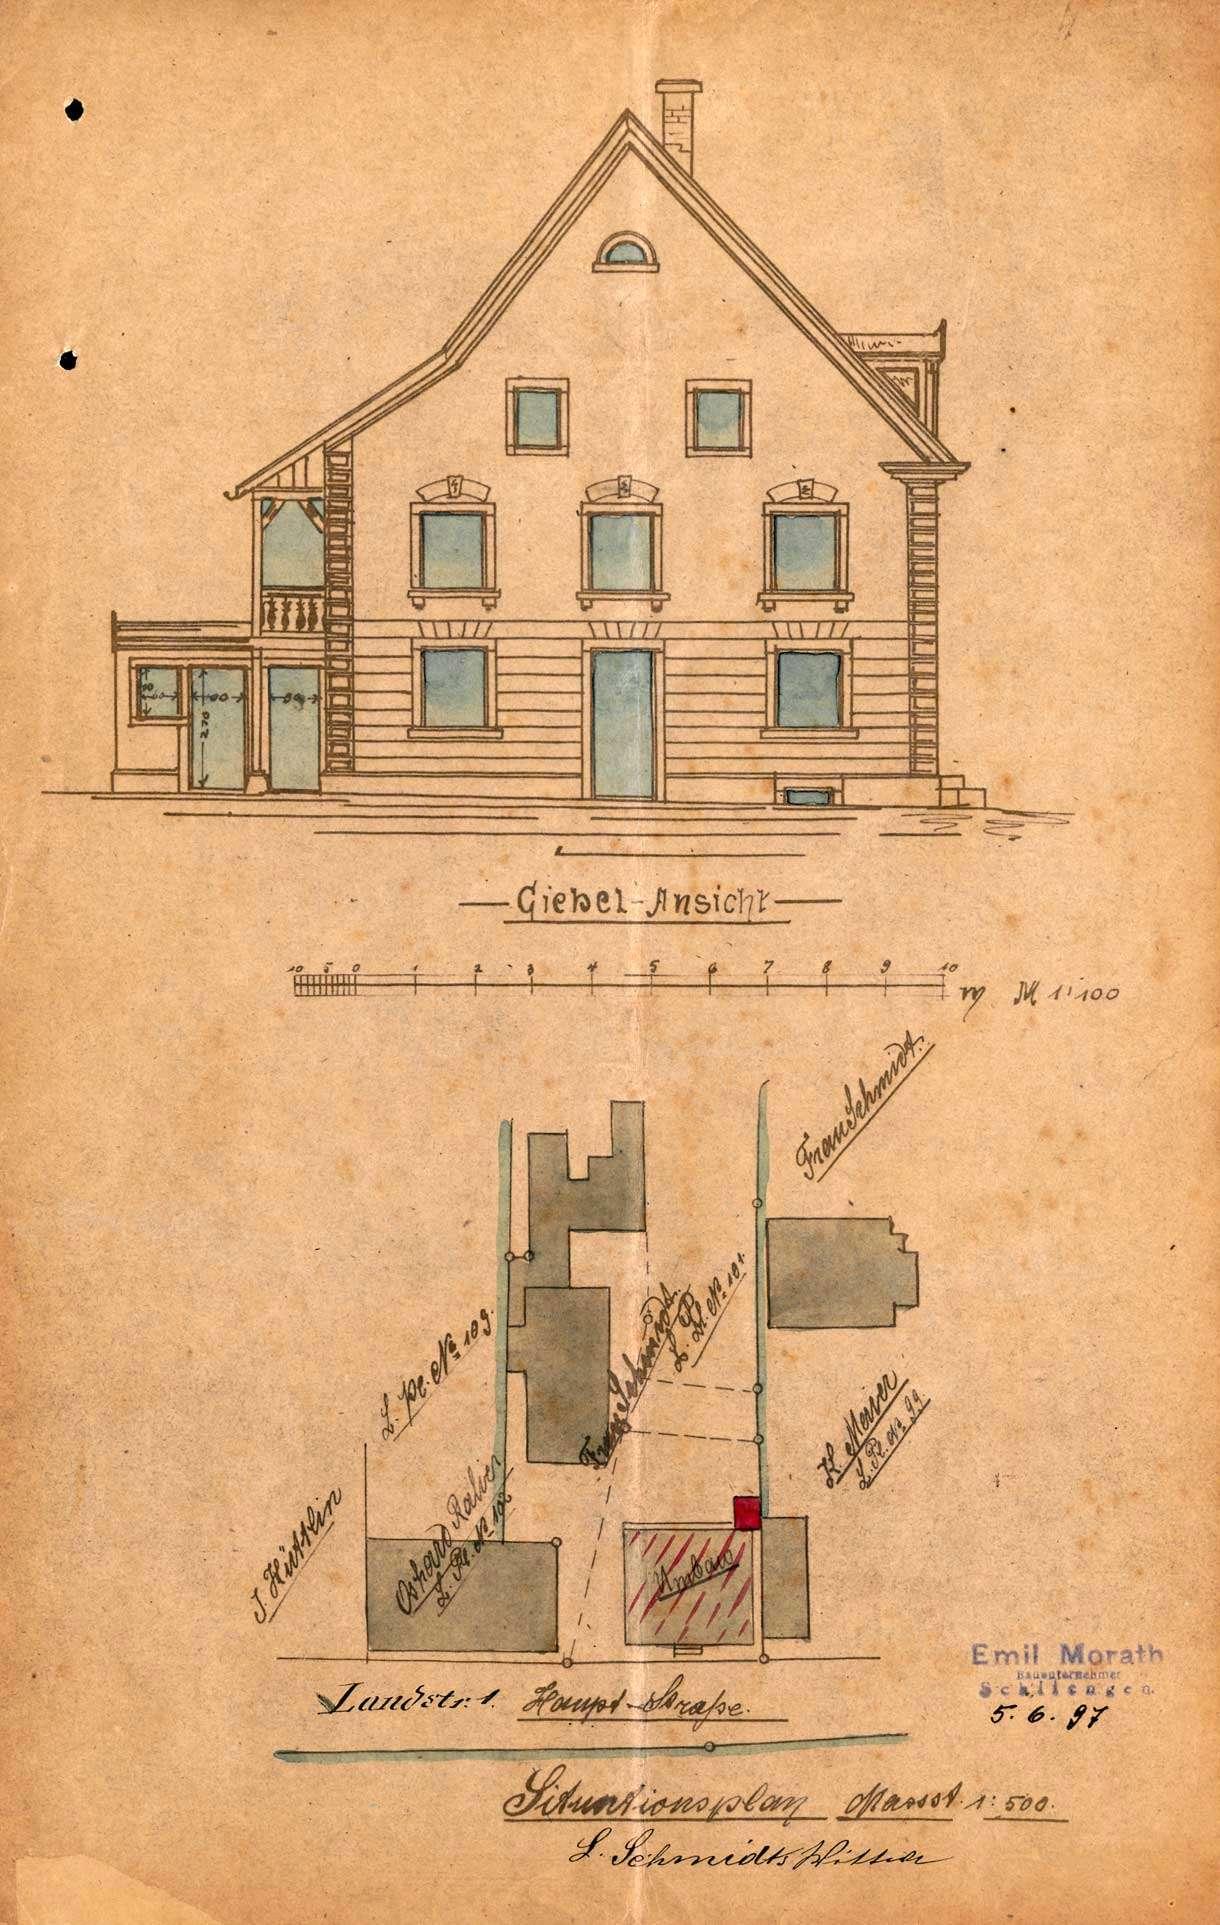 Antrag der Witwe des Ludwig Schmidt, Gastwirtin Zum Markgräflerhof, auf Genehmigung zum Umbau der Scheune als Wohnhaus in Efringen, Bild 1